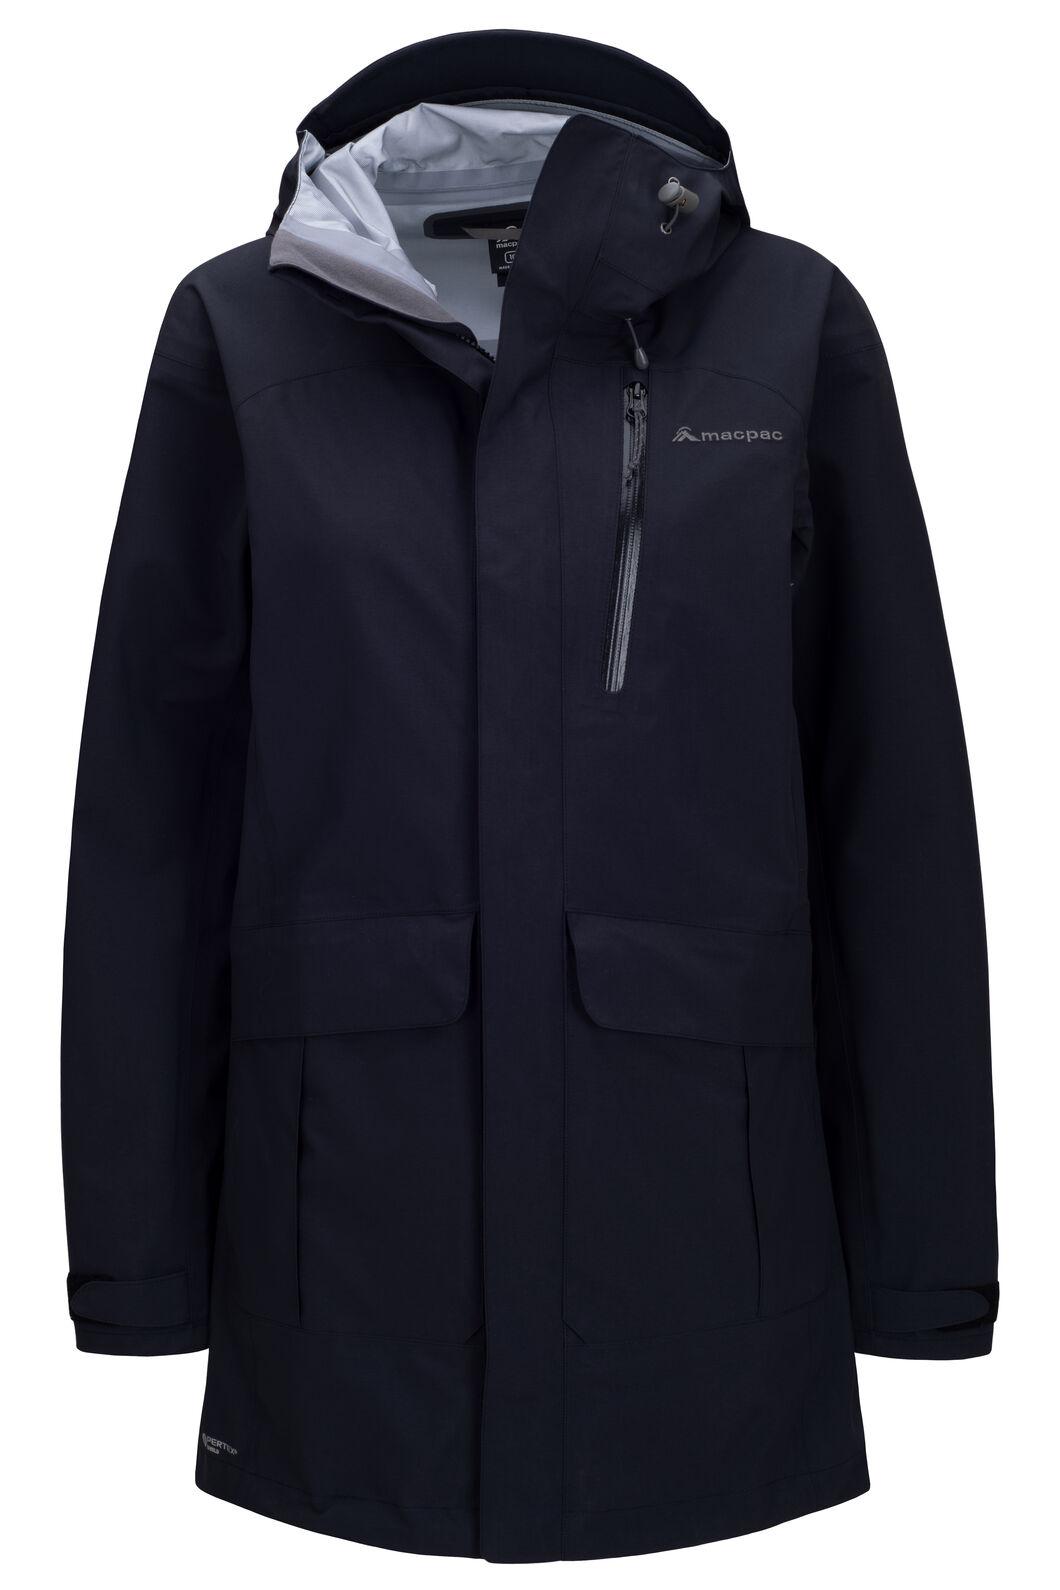 Macpac Women's Copland Pertex® Raincoat, Black, hi-res